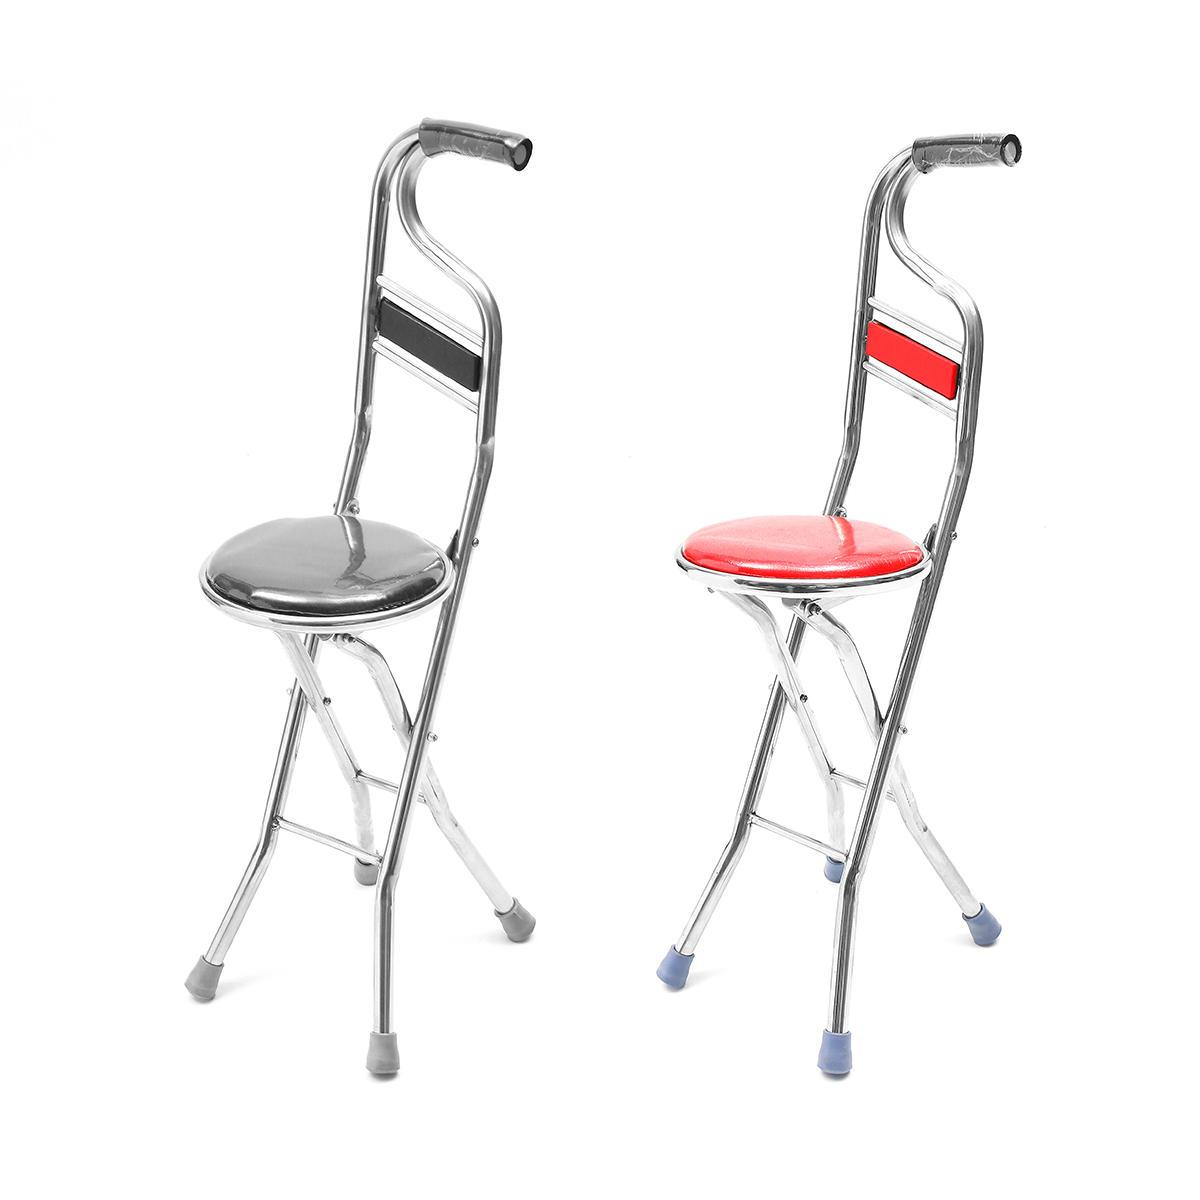 Stainless Steel Portable Folding Walking Stick Chair Seat Stool Travel Cane  sc 1 st  Banggood & Stainless Steel Portable Folding Walking Stick Chair Seat Stool ...